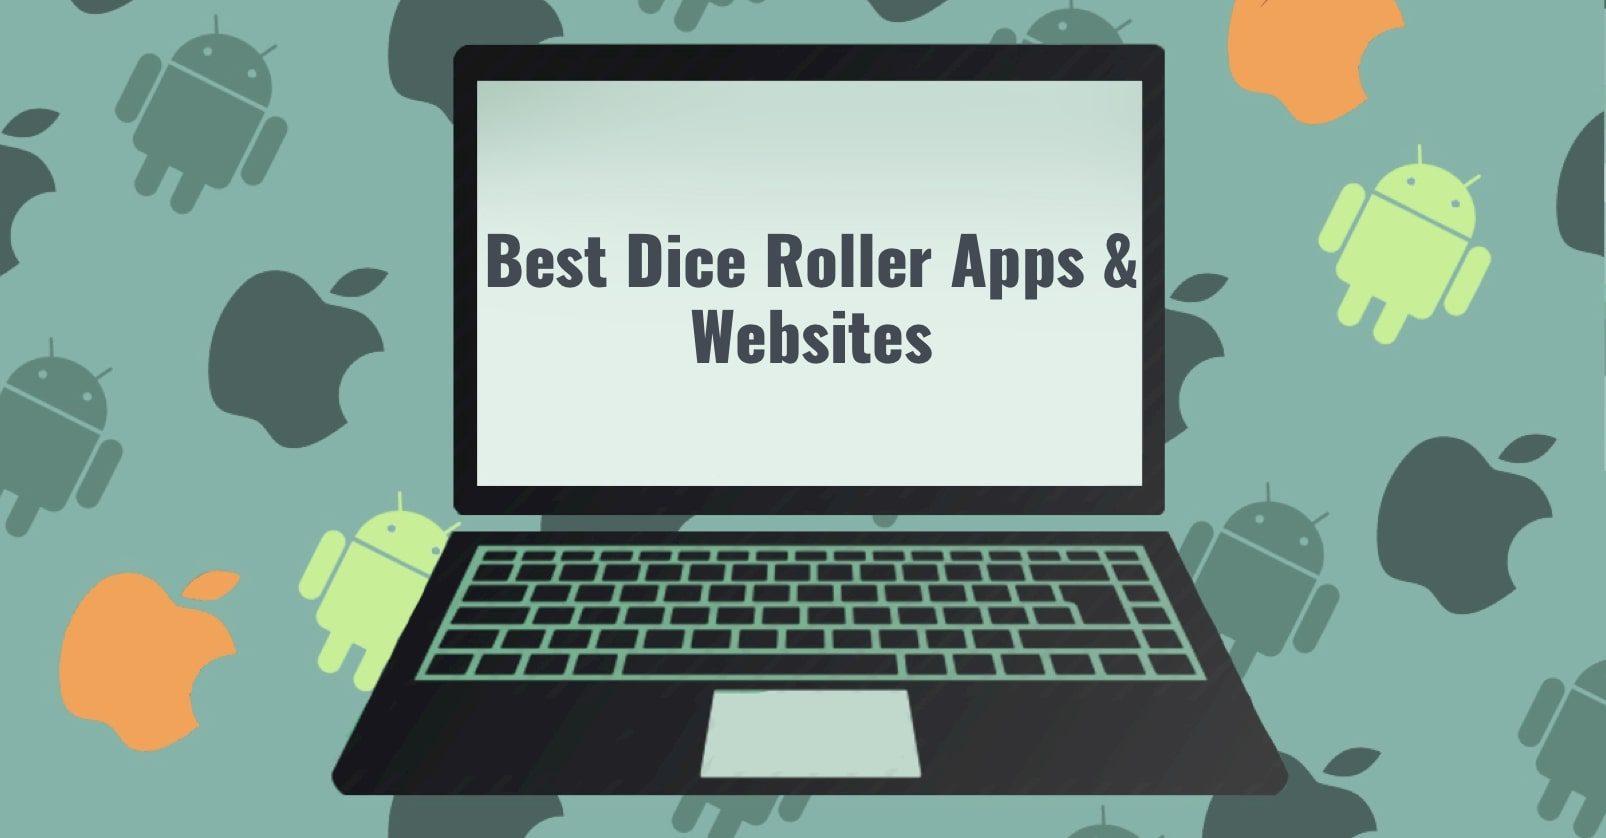 Best Dice Roller Apps & Websites